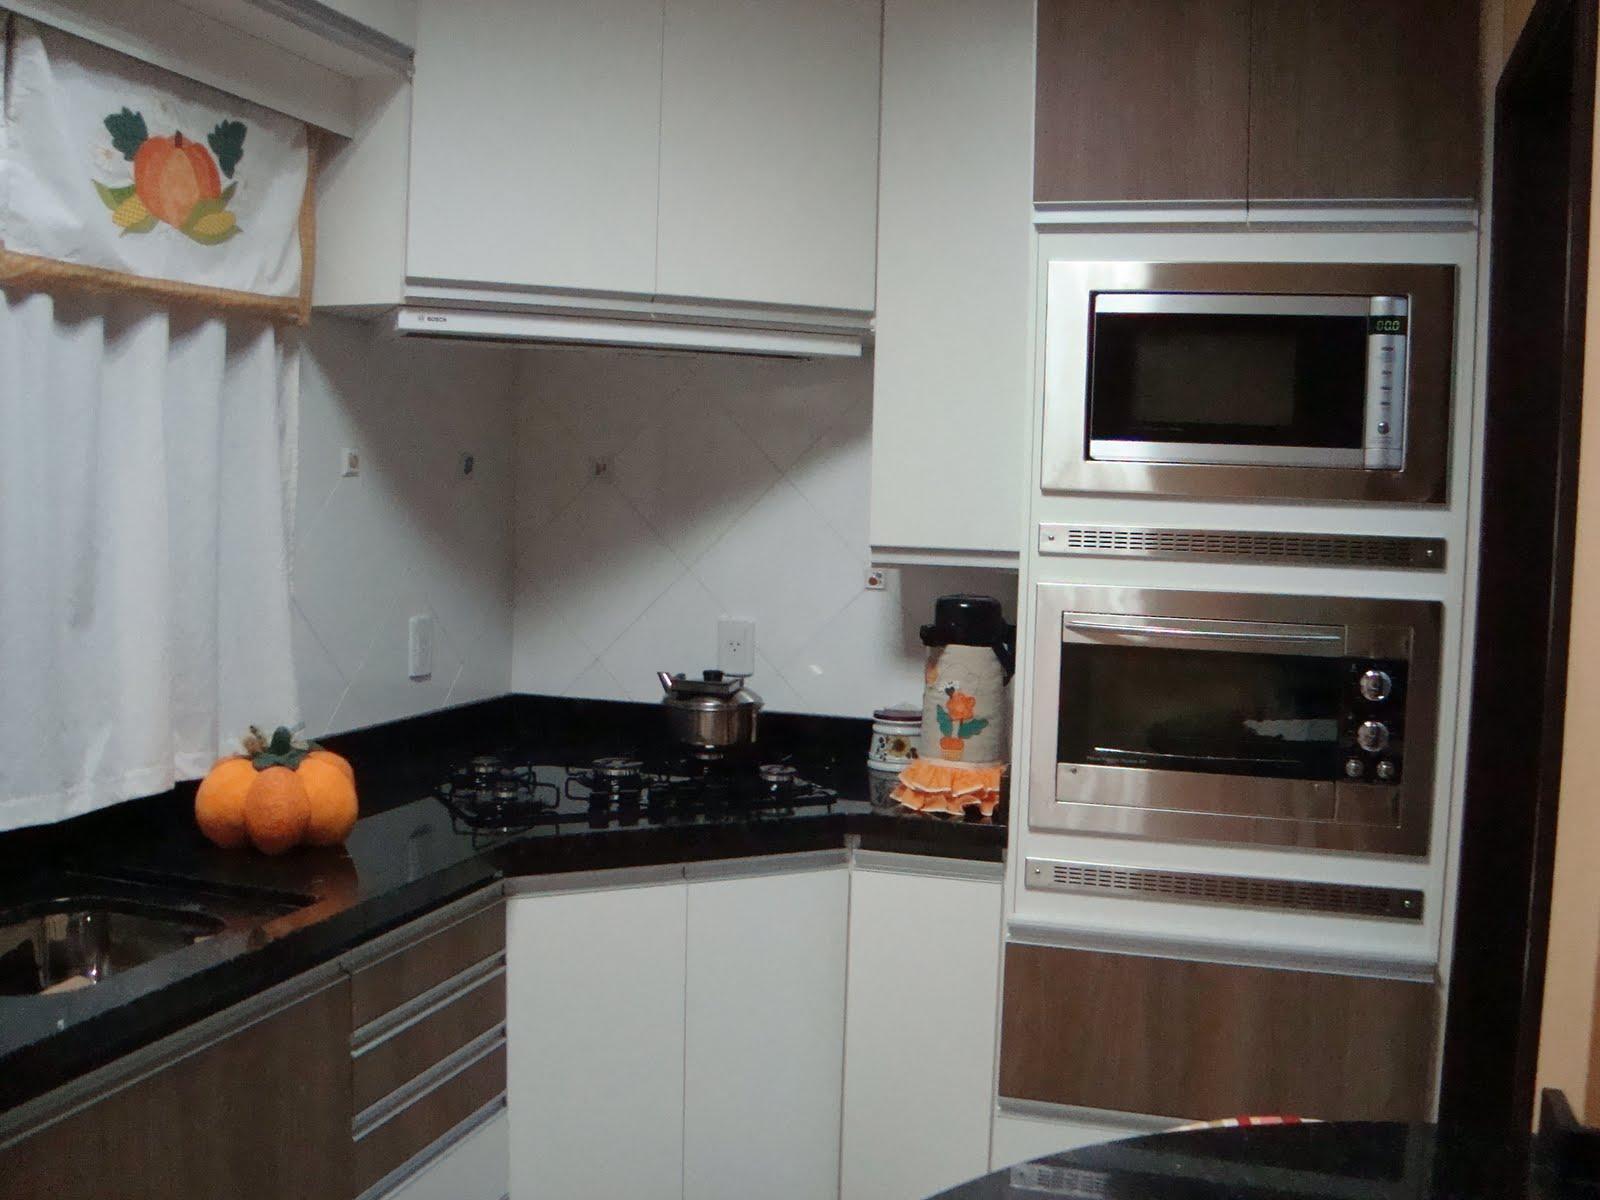 Projeto Feito Sonho Realizado: Fotos da cozinha pronta  #81644A 1600 1200